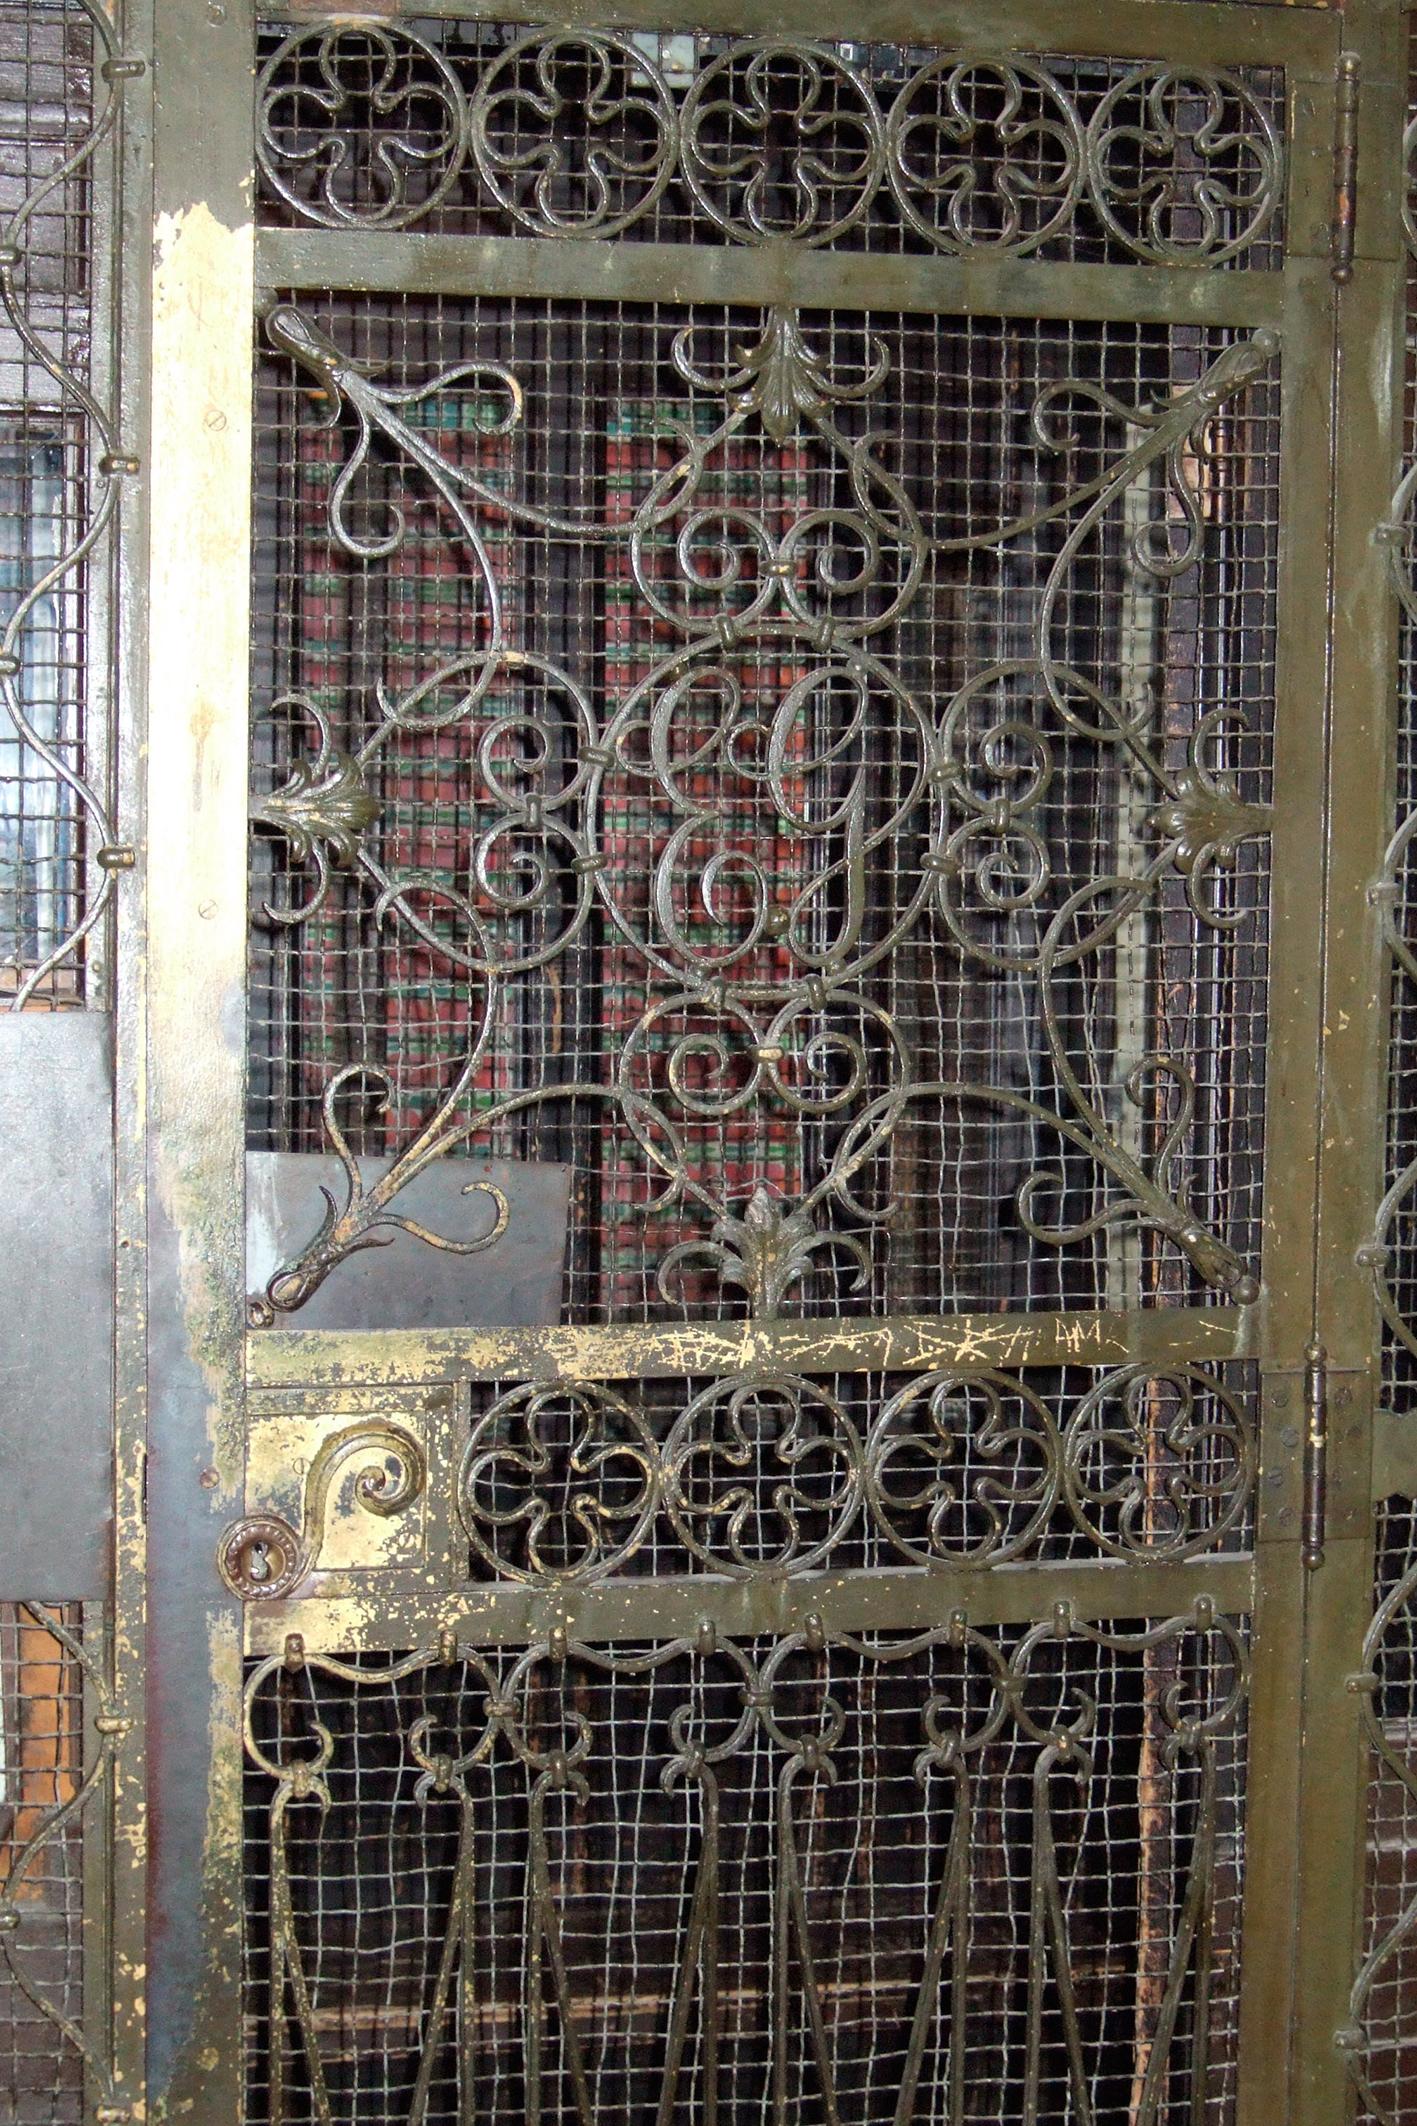 Aufzug zur ehemaligen Praxis Pagenstecher,  Taunusstraße 63 (2007)